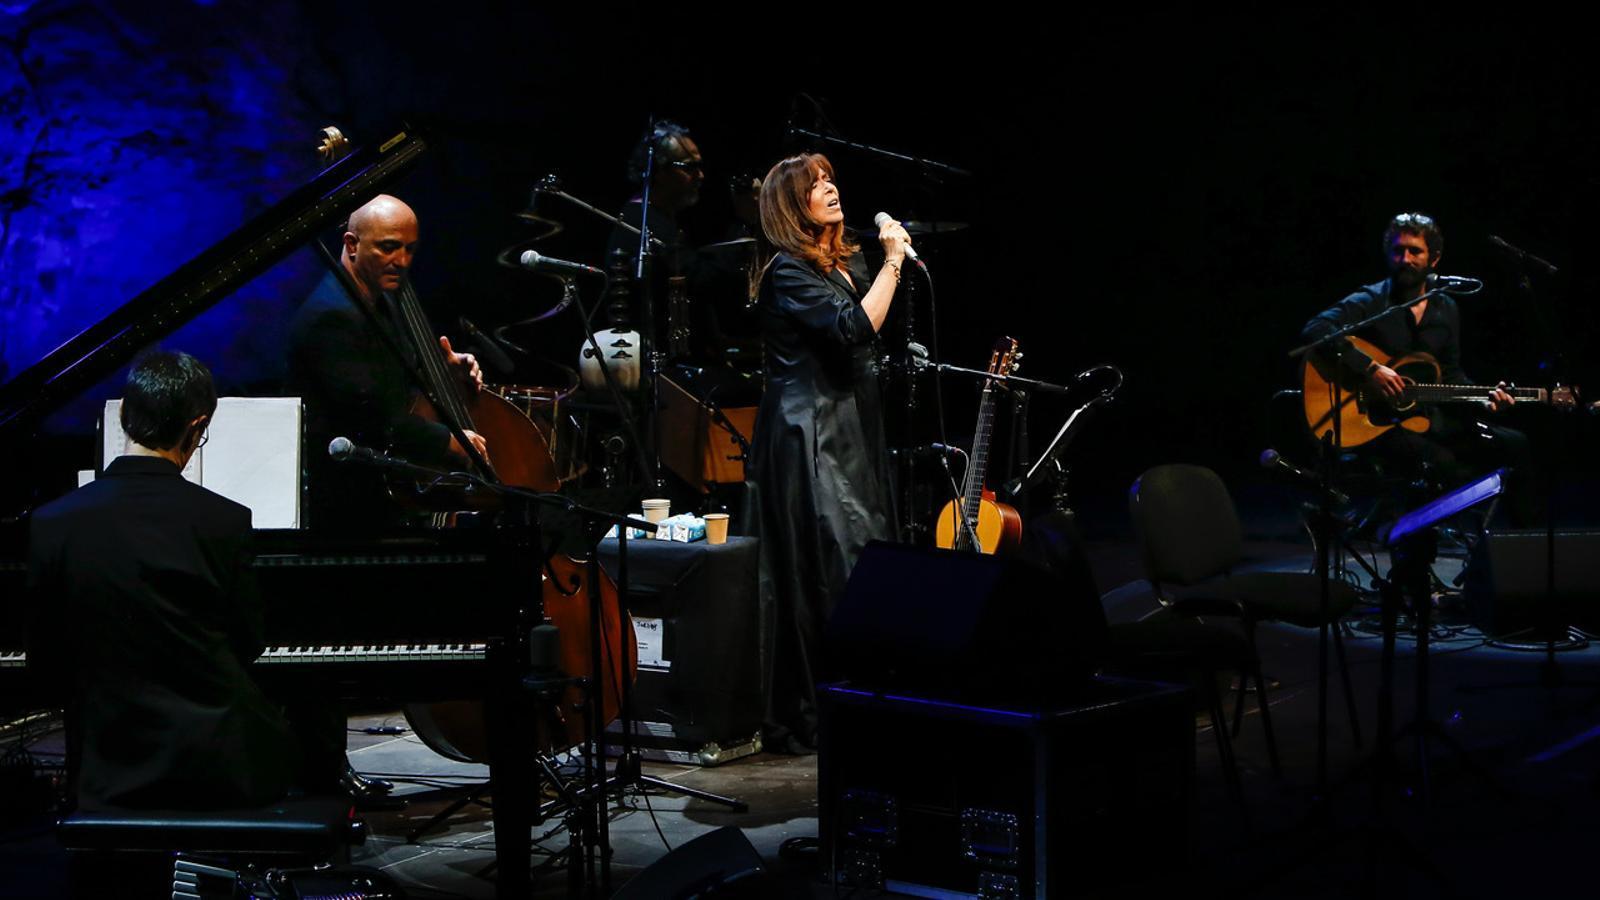 Maria del Mar Bonet durant el concert al Teatre Grec, dins de la Mercè Música